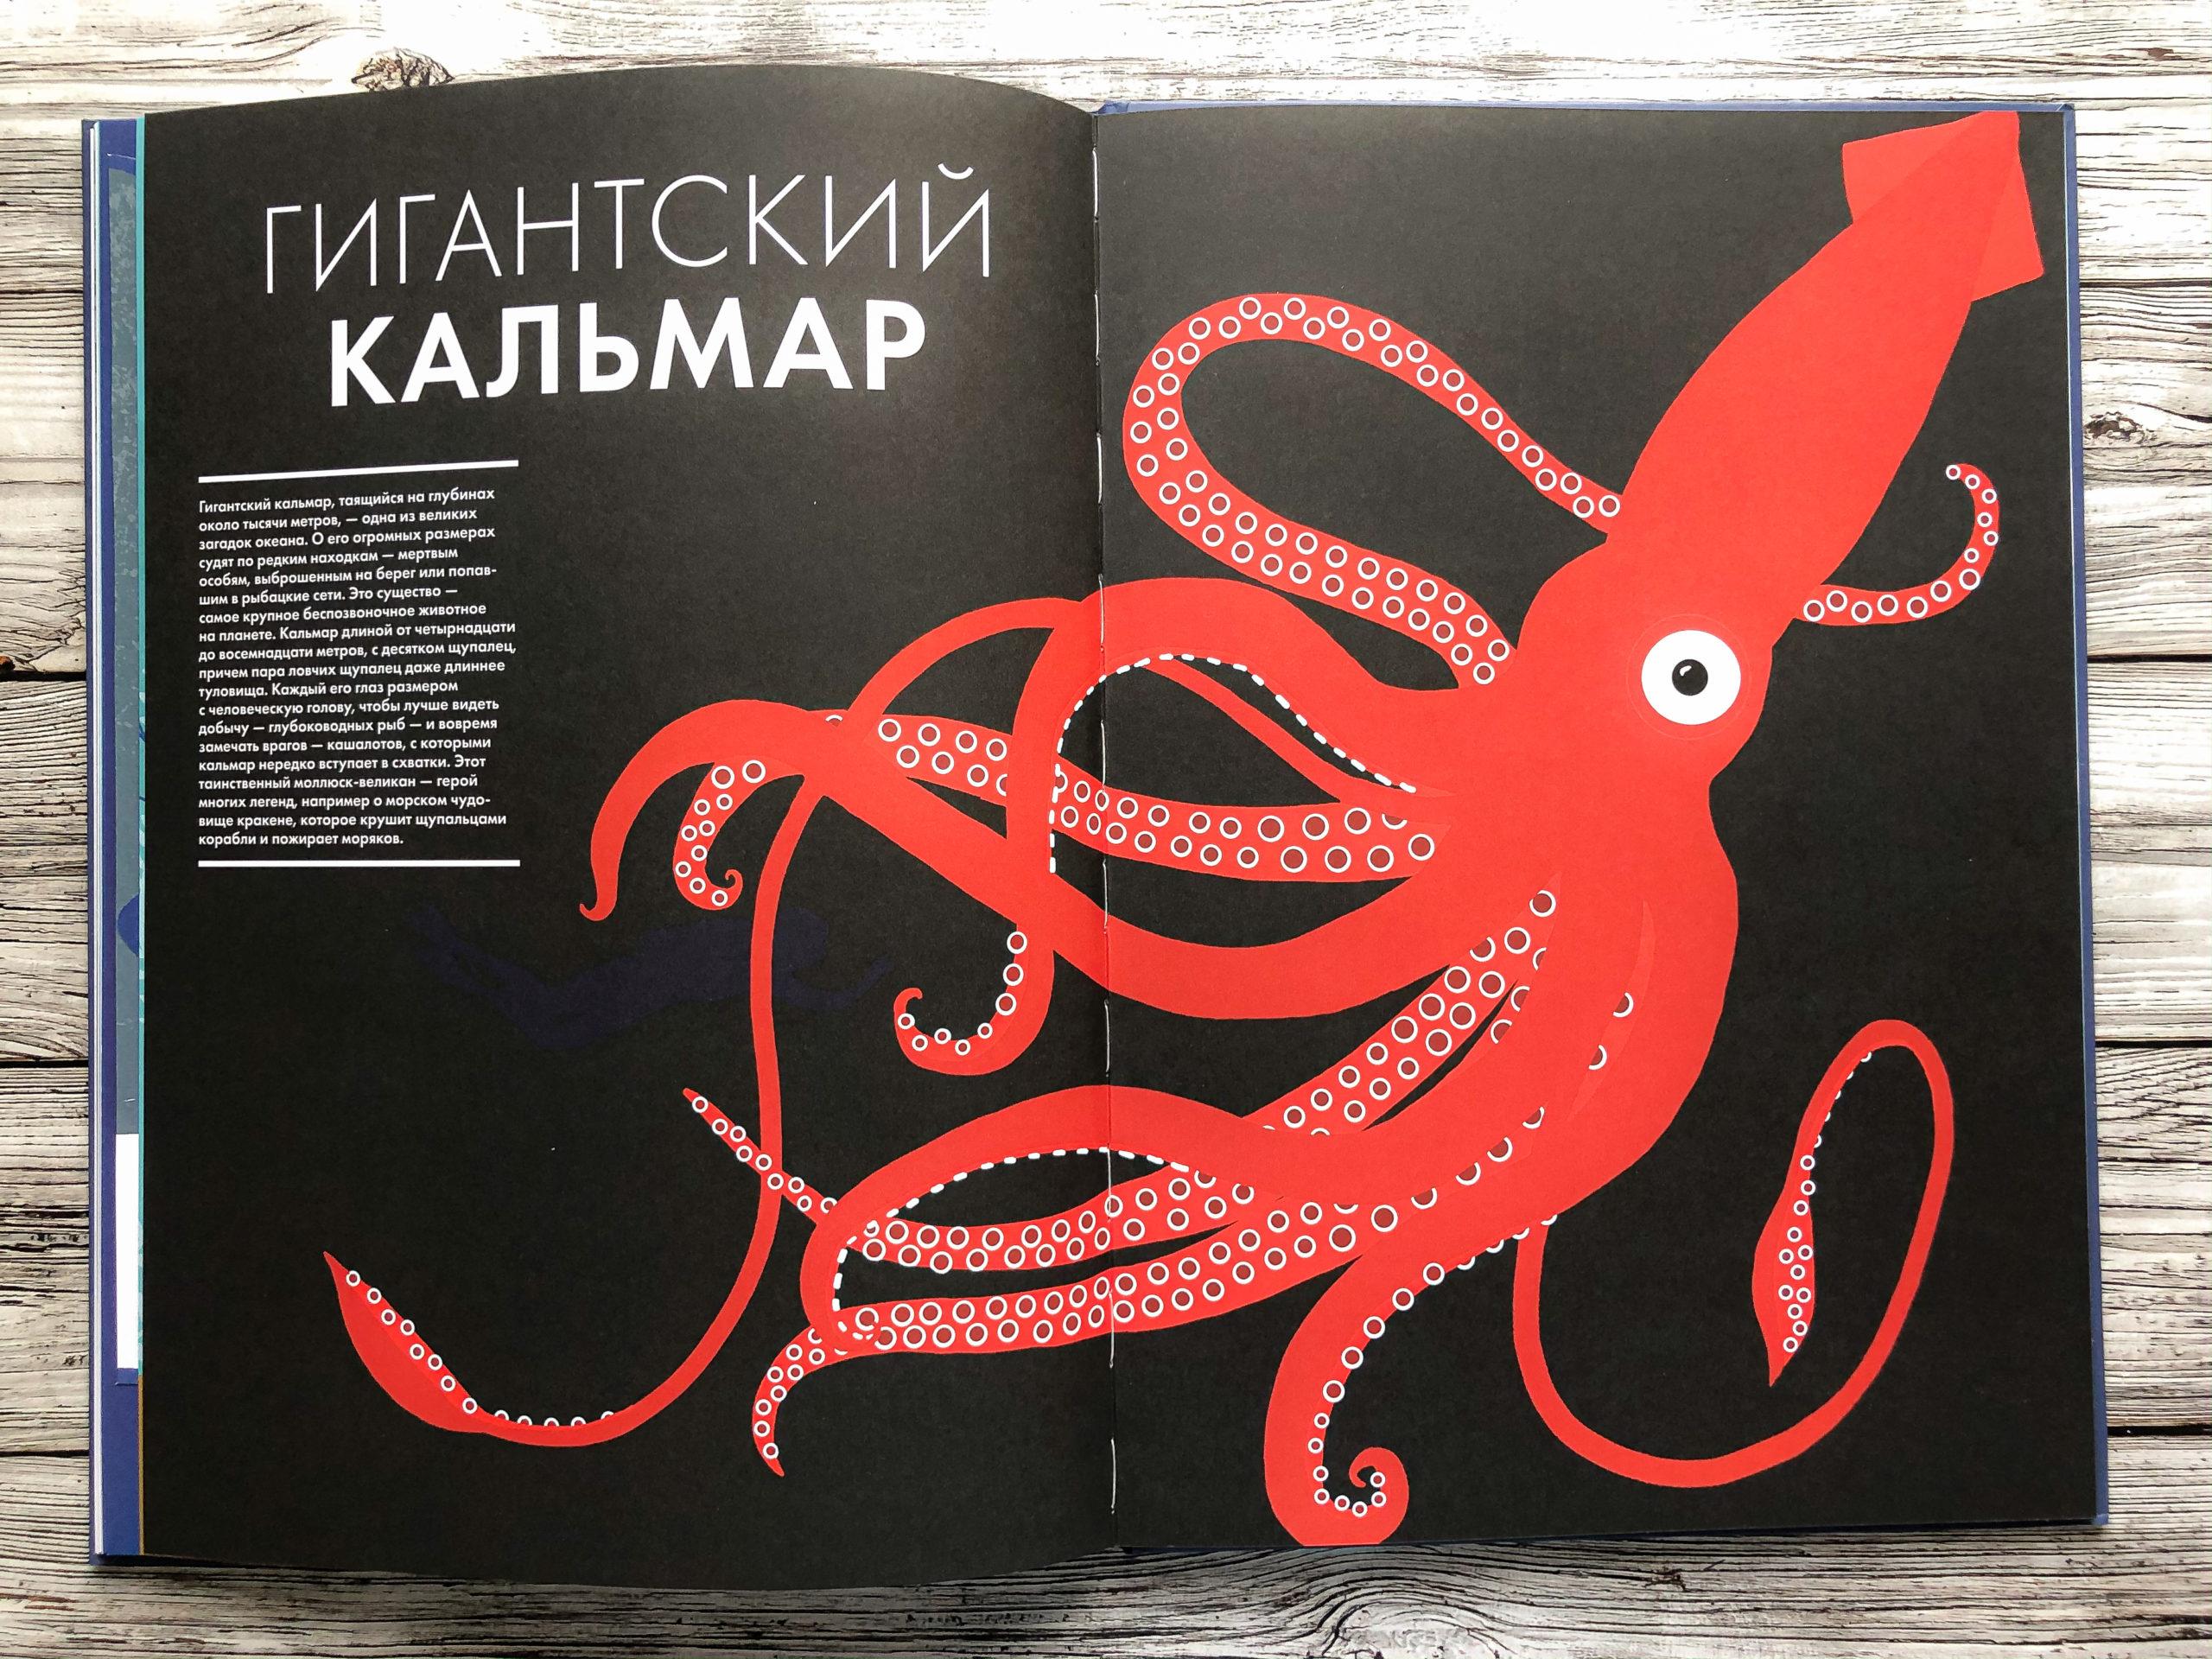 Нереально красивая книга Океан для захватывающих уроков естествознания 15